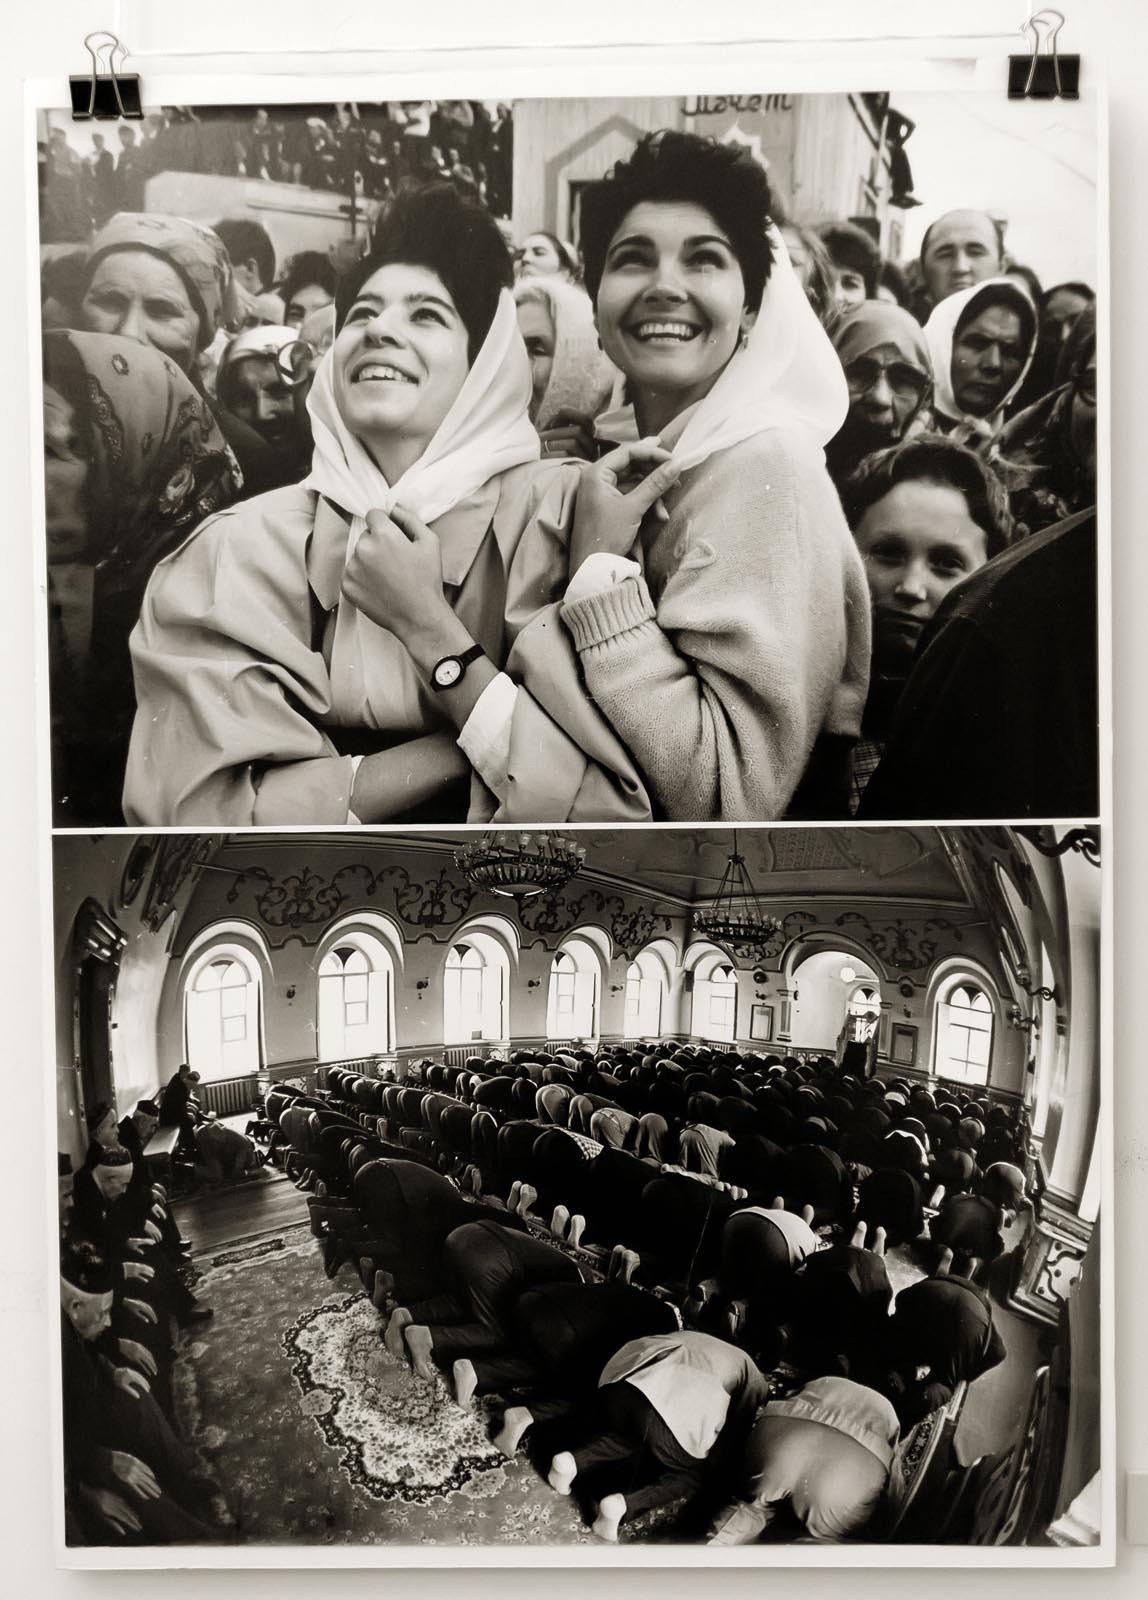 Фото №272468. В.Зотов. НА ЗАКЛАДКЕ МЕЧЕТИ. Нижнекамск. 1998